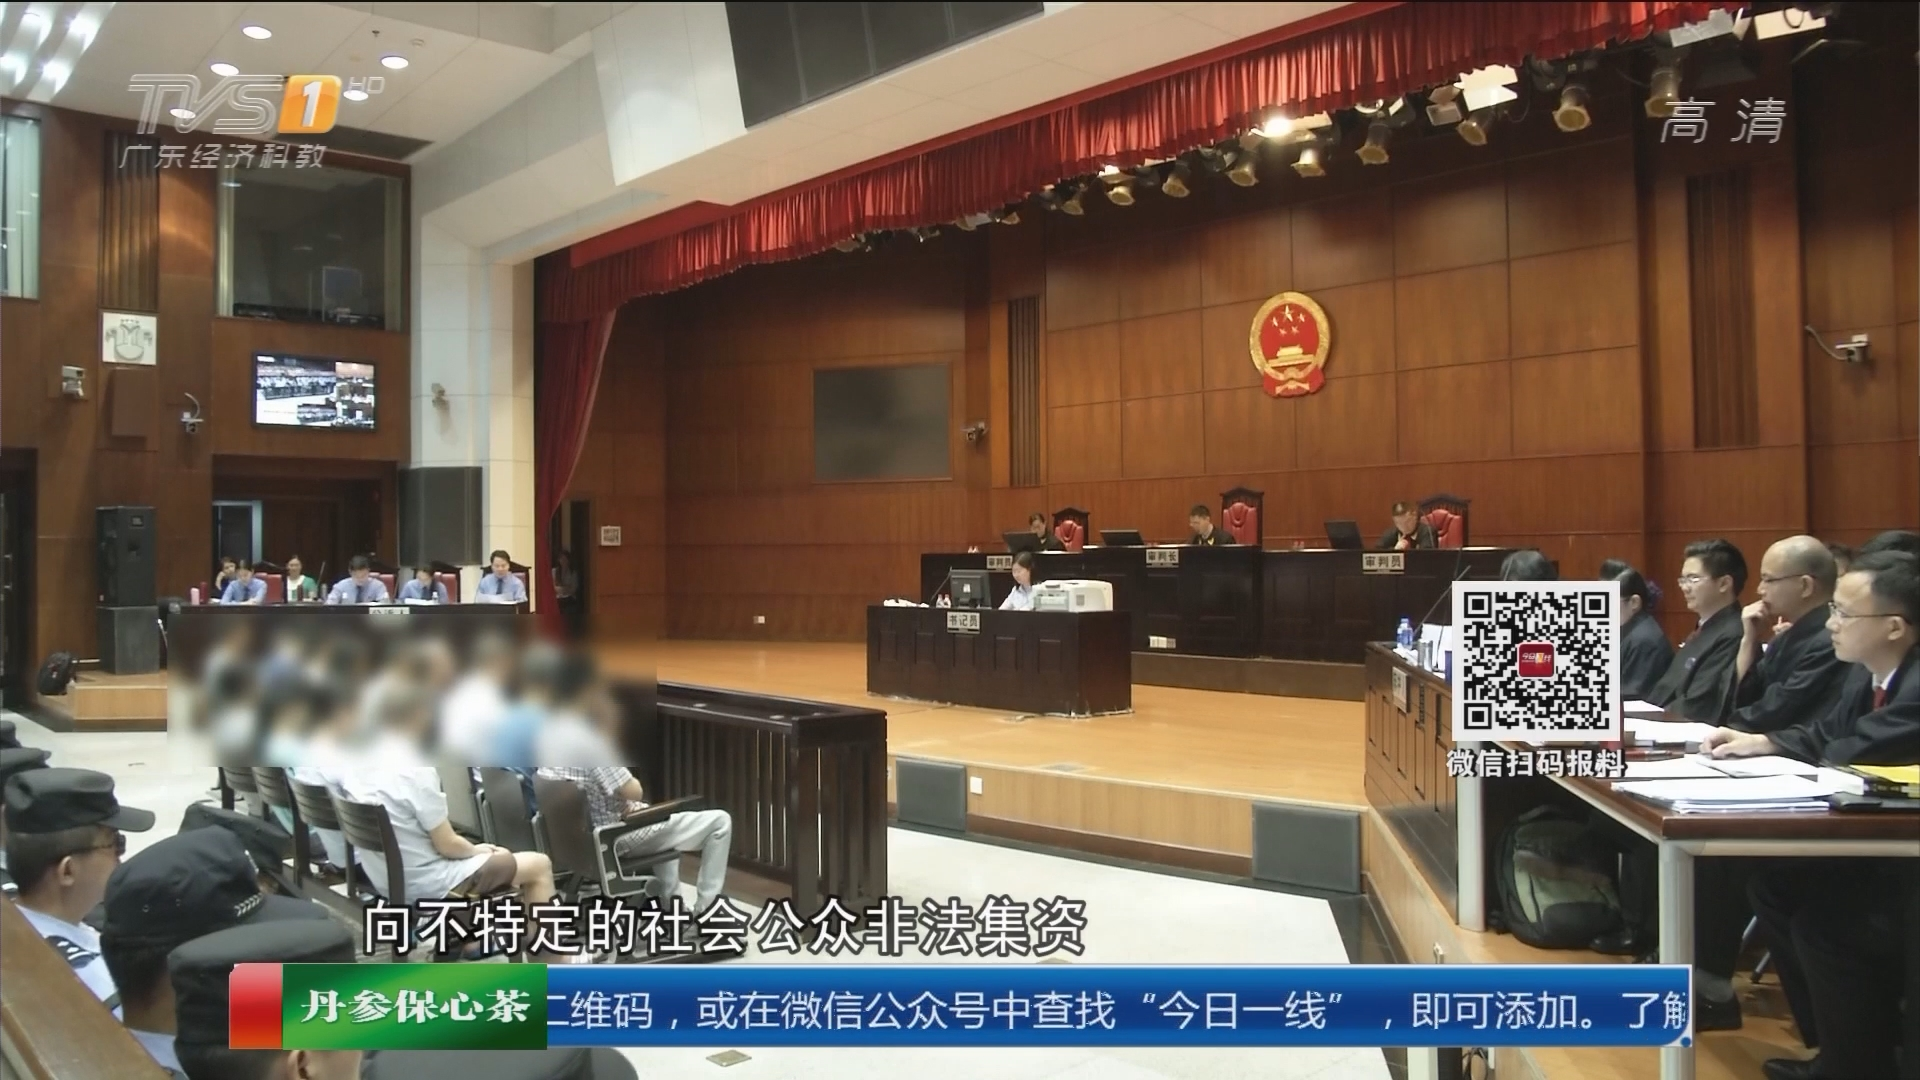 """""""天泽""""集资诈骗案开审:高息诱饵骗老人 7年骗钱超11亿"""